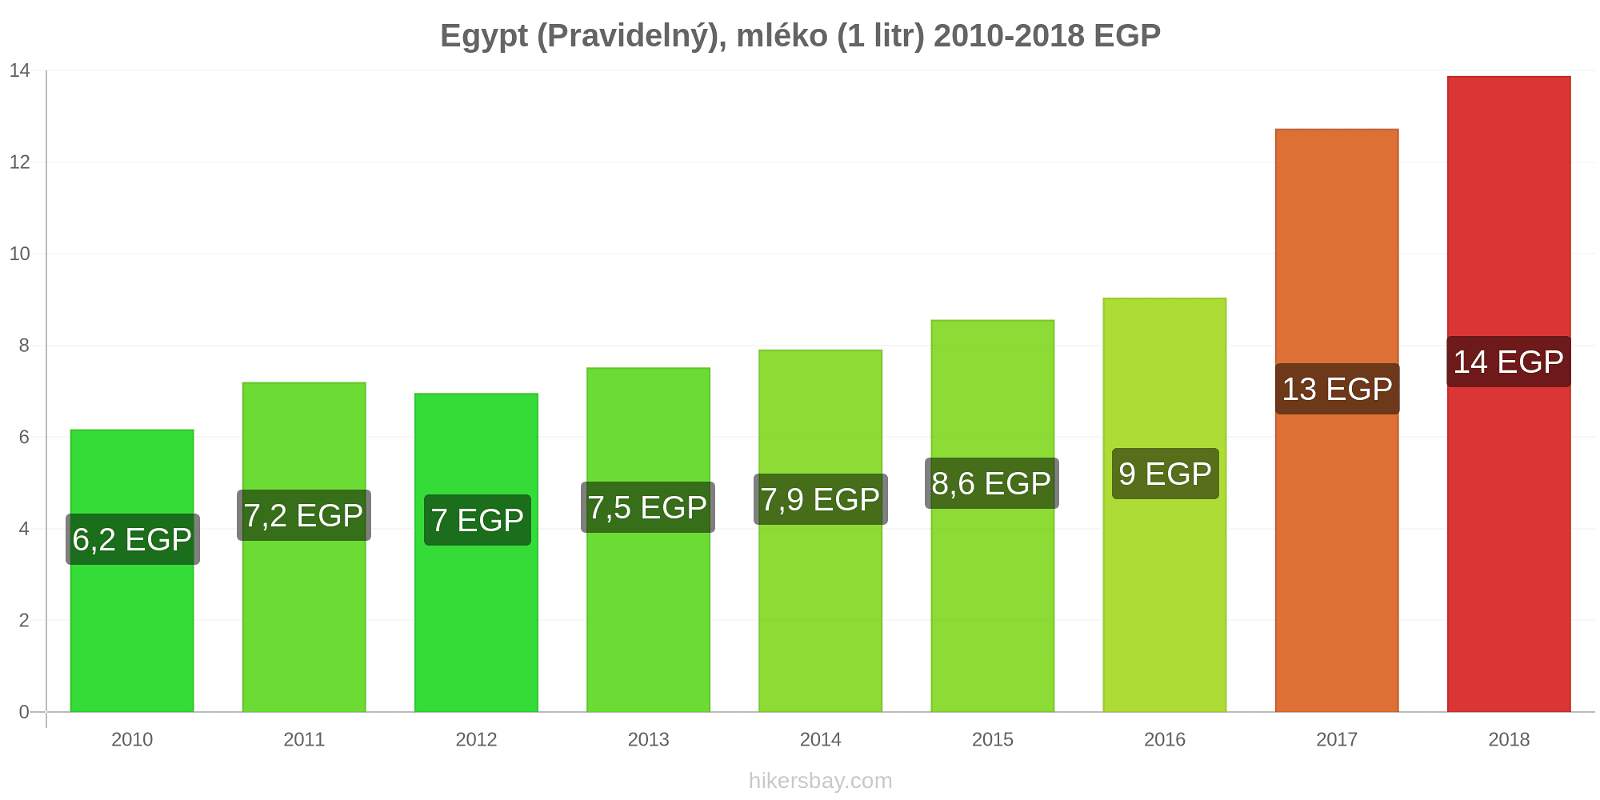 Egypt změny cen (Pravidelný), mléko (1 litr) hikersbay.com